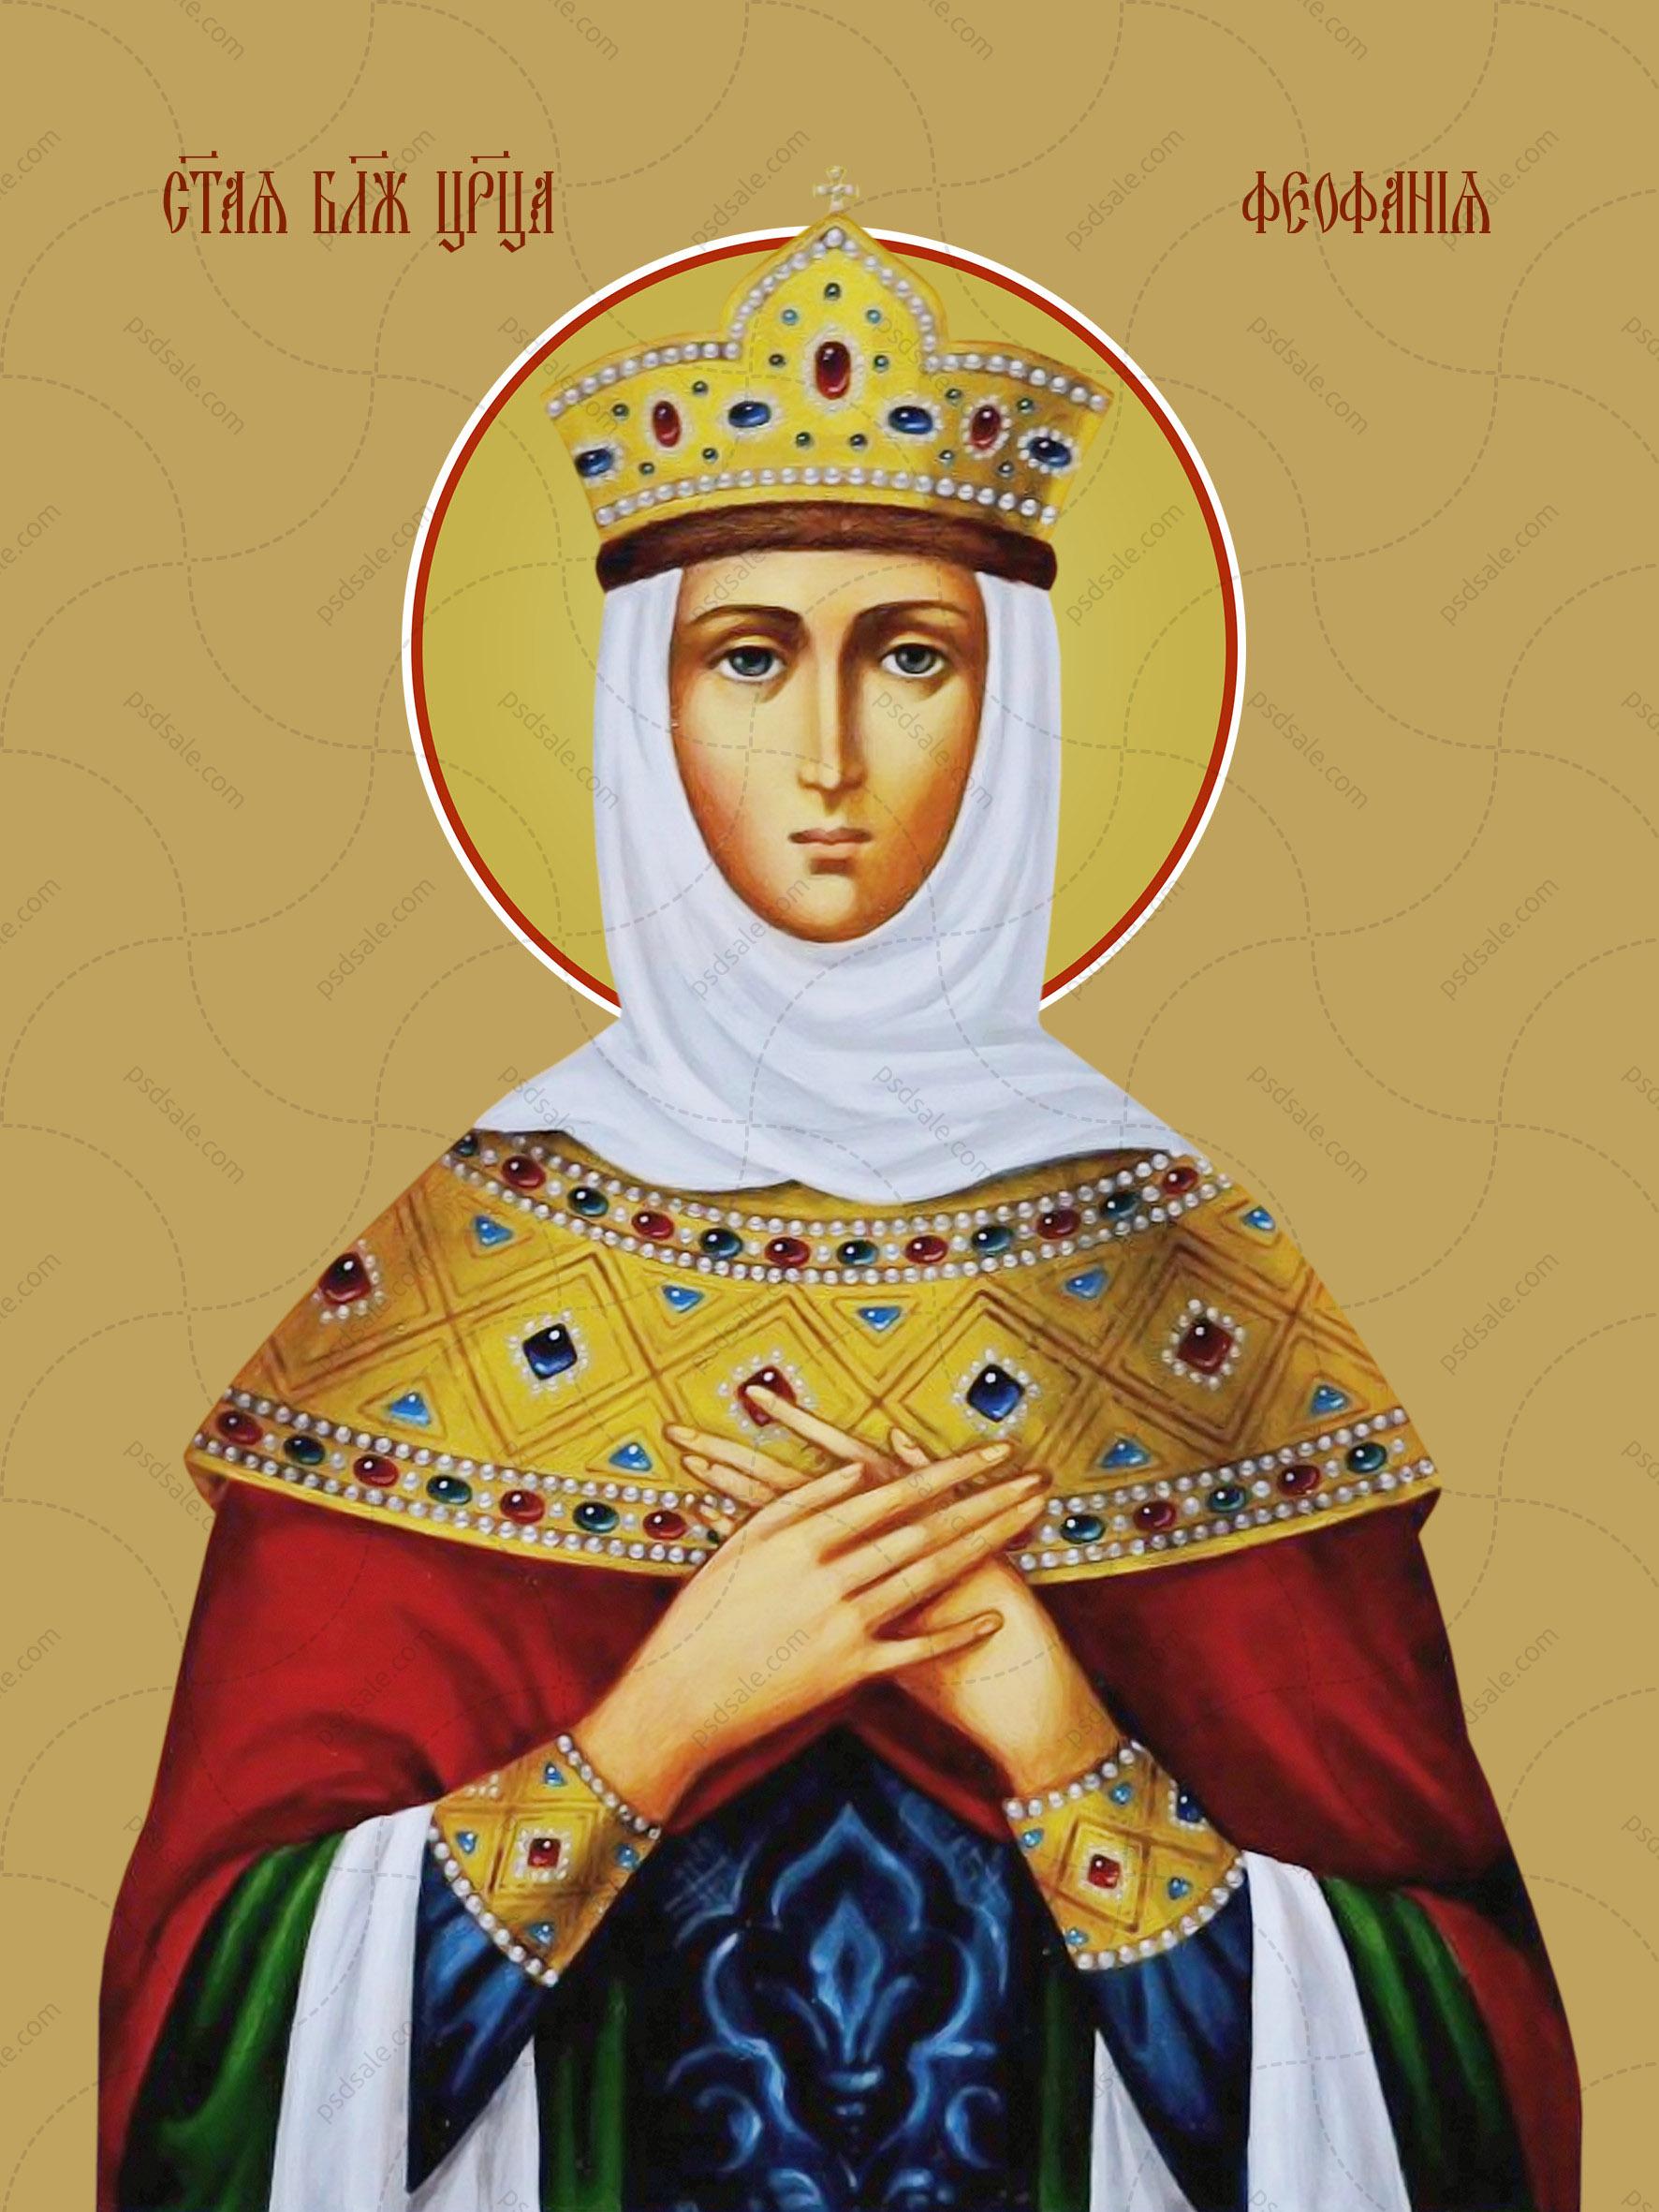 Феофания, блаженная царица